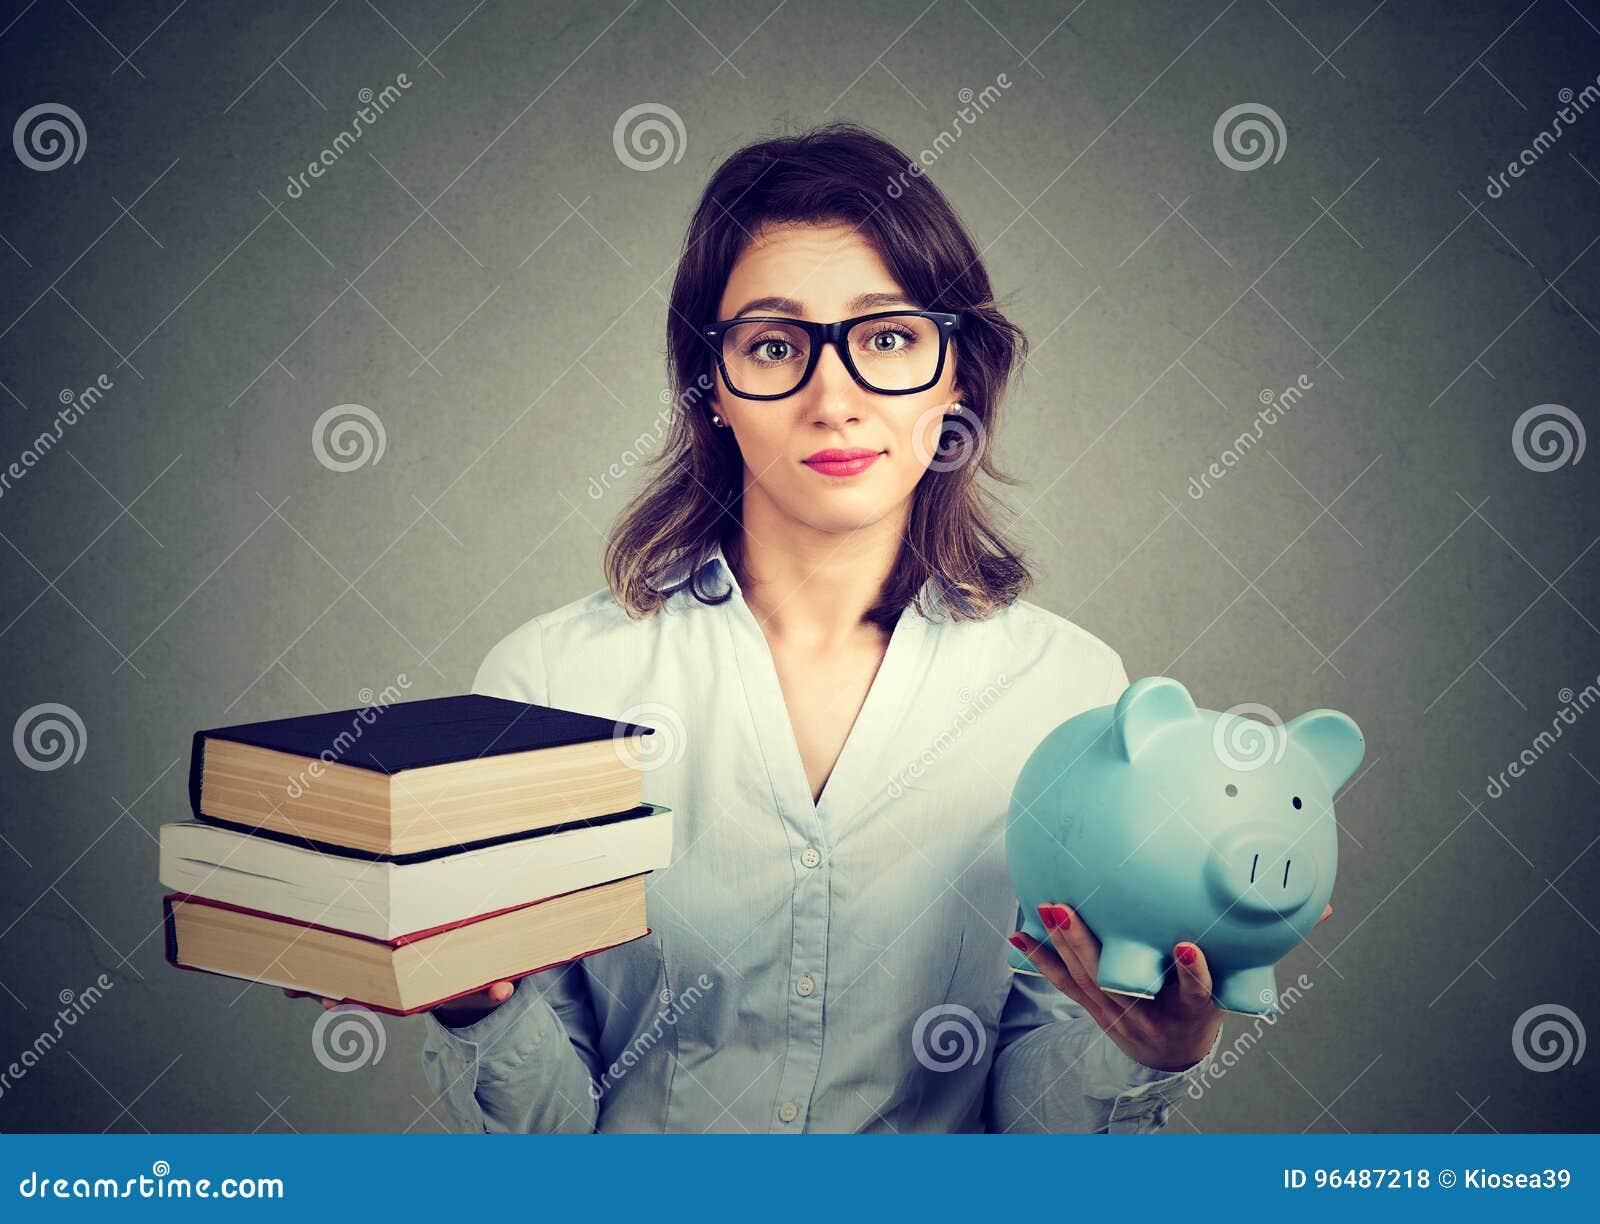 Vrouw die met stapel boeken en het hoogtepunt van het spaarvarken van schuld carrièreweg heroverwegen